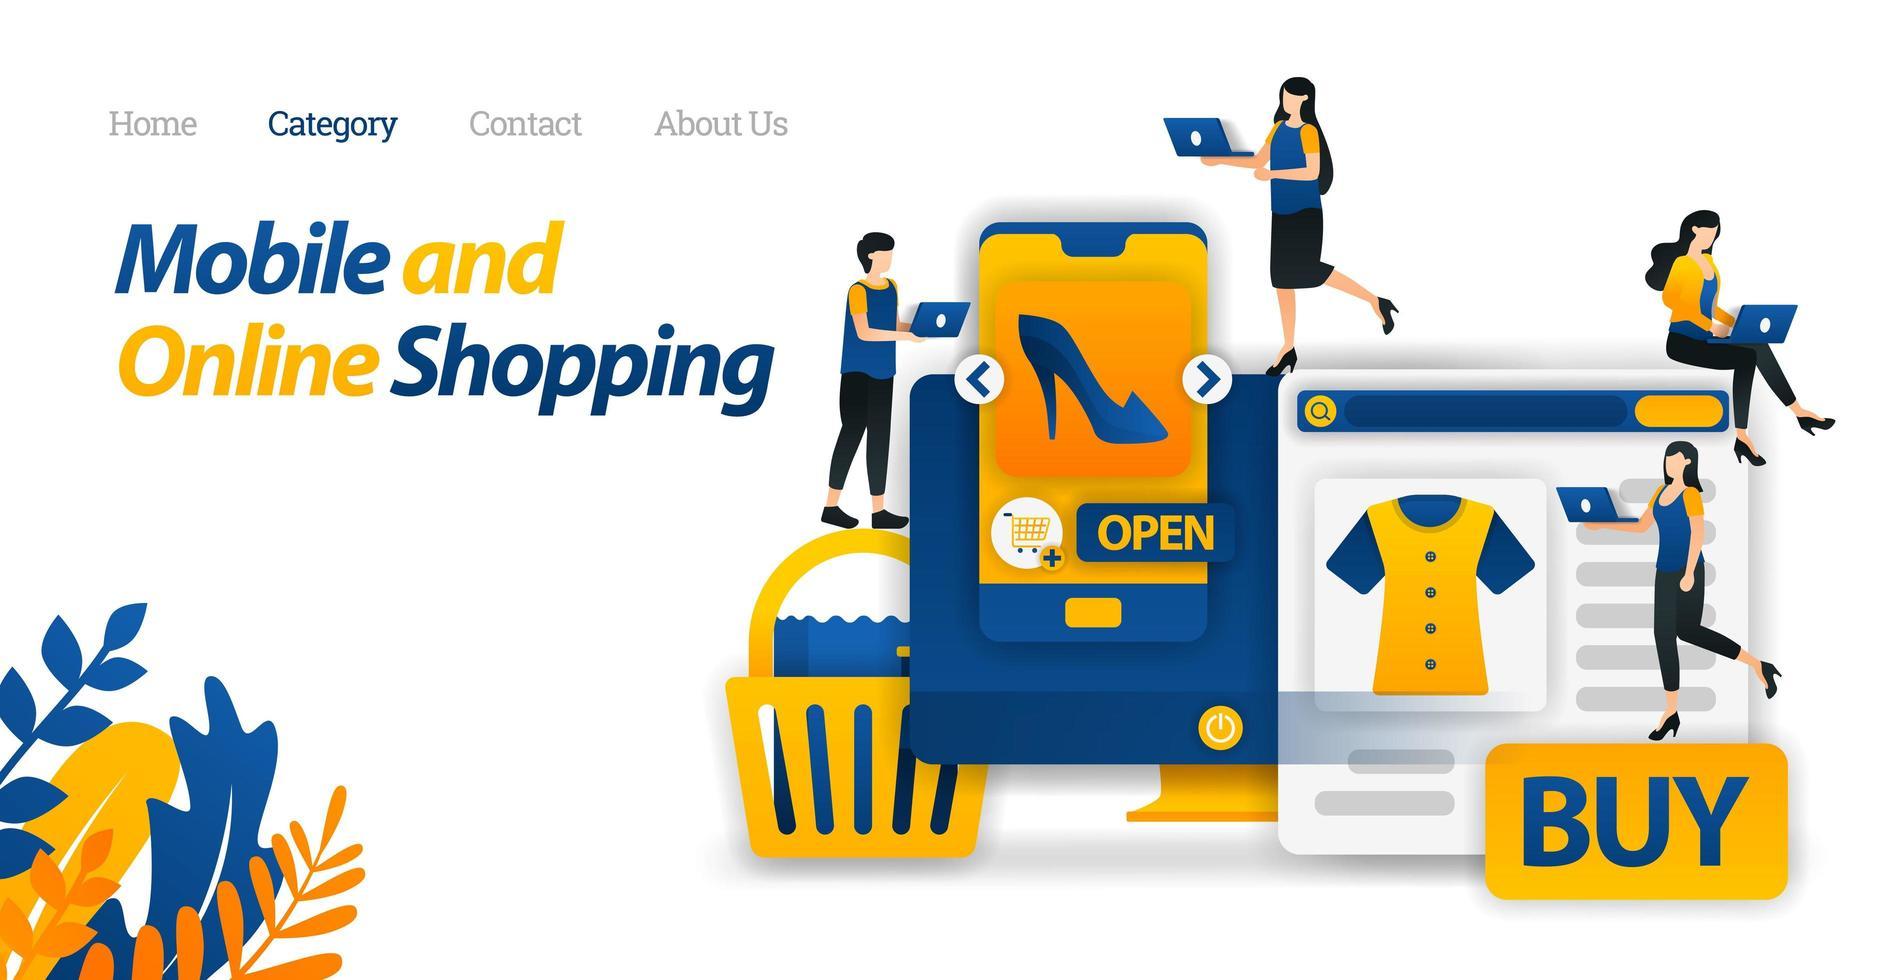 köp behov och livsstil endast med mobil och online shopping eller e-handel. vektor illustration, platt ikon stil lämplig för webbsida, banner, flygblad, klistermärke, tapet, kort, bakgrund, ui